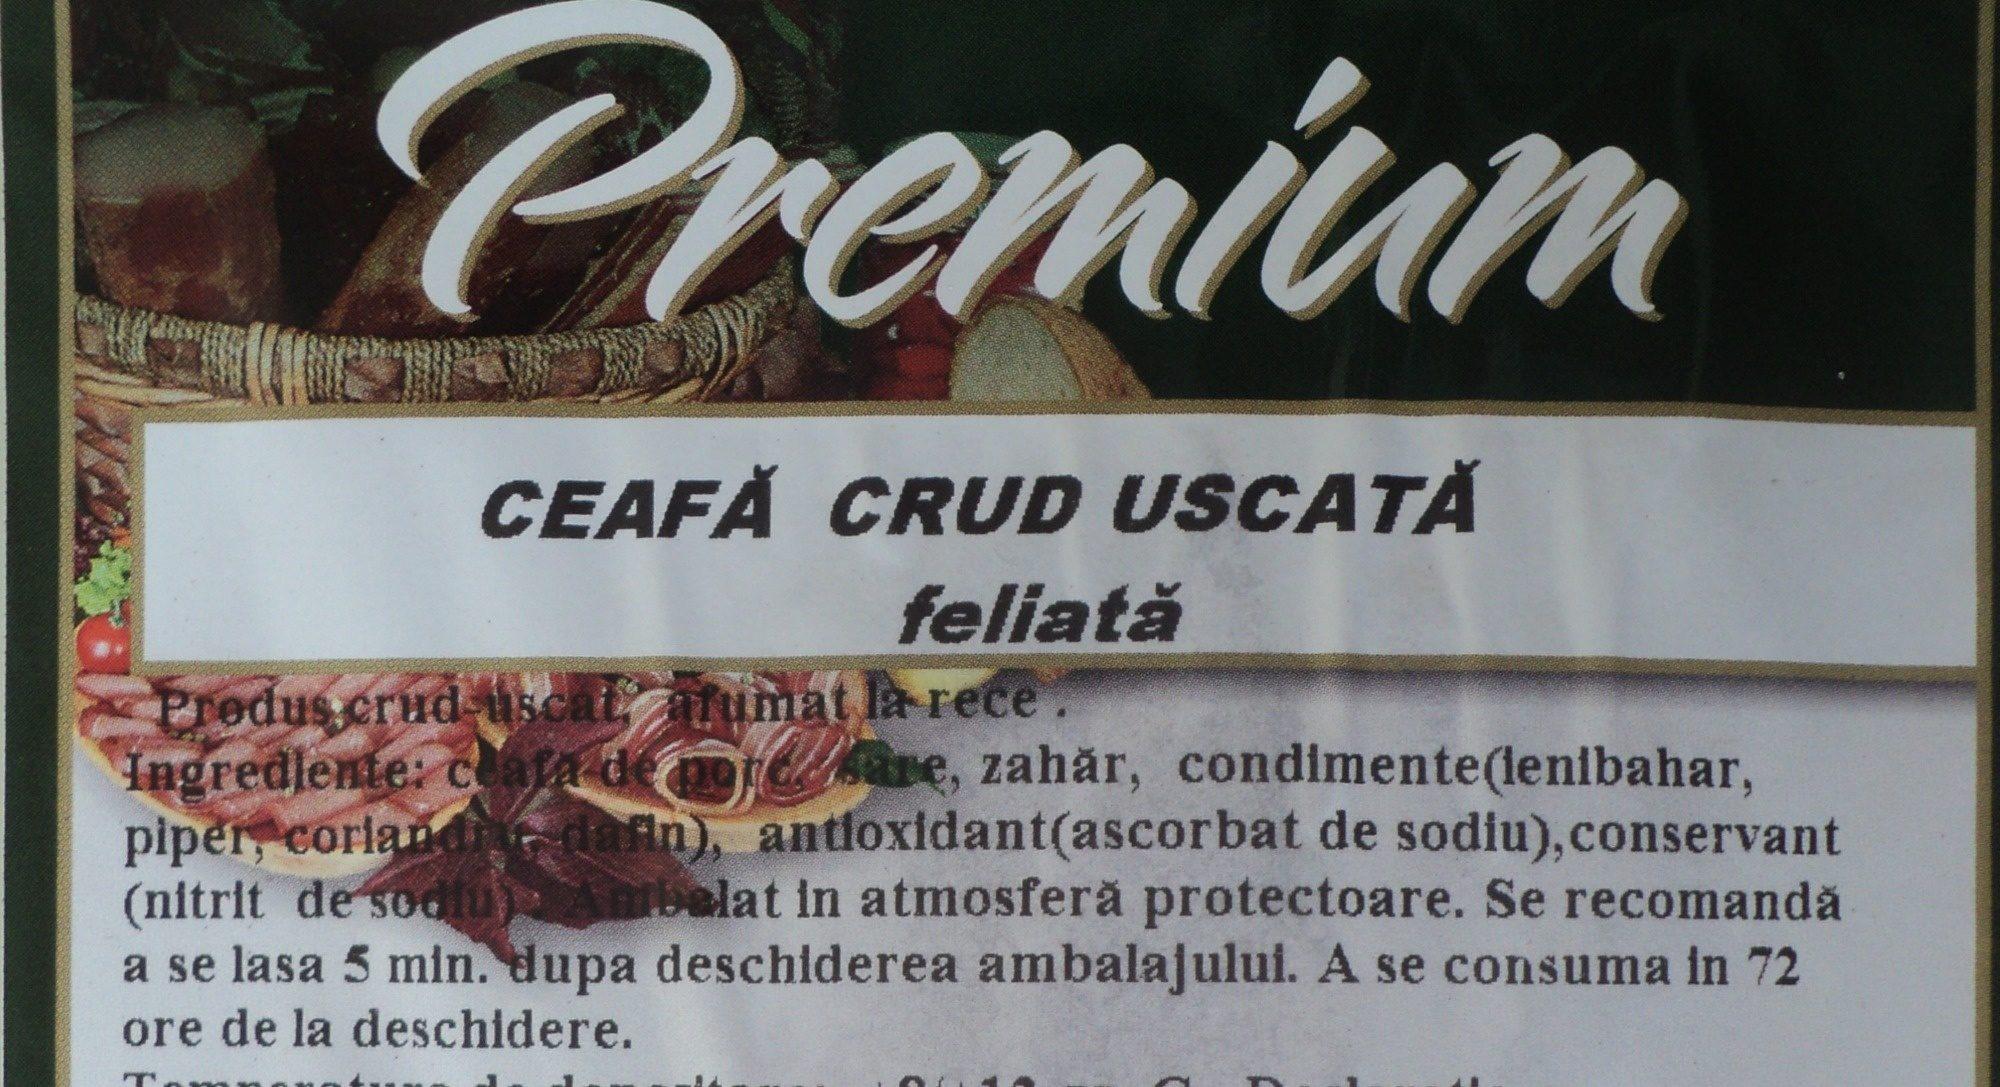 Premium Ceafa crud uscata, feliata - Ingredients - ro